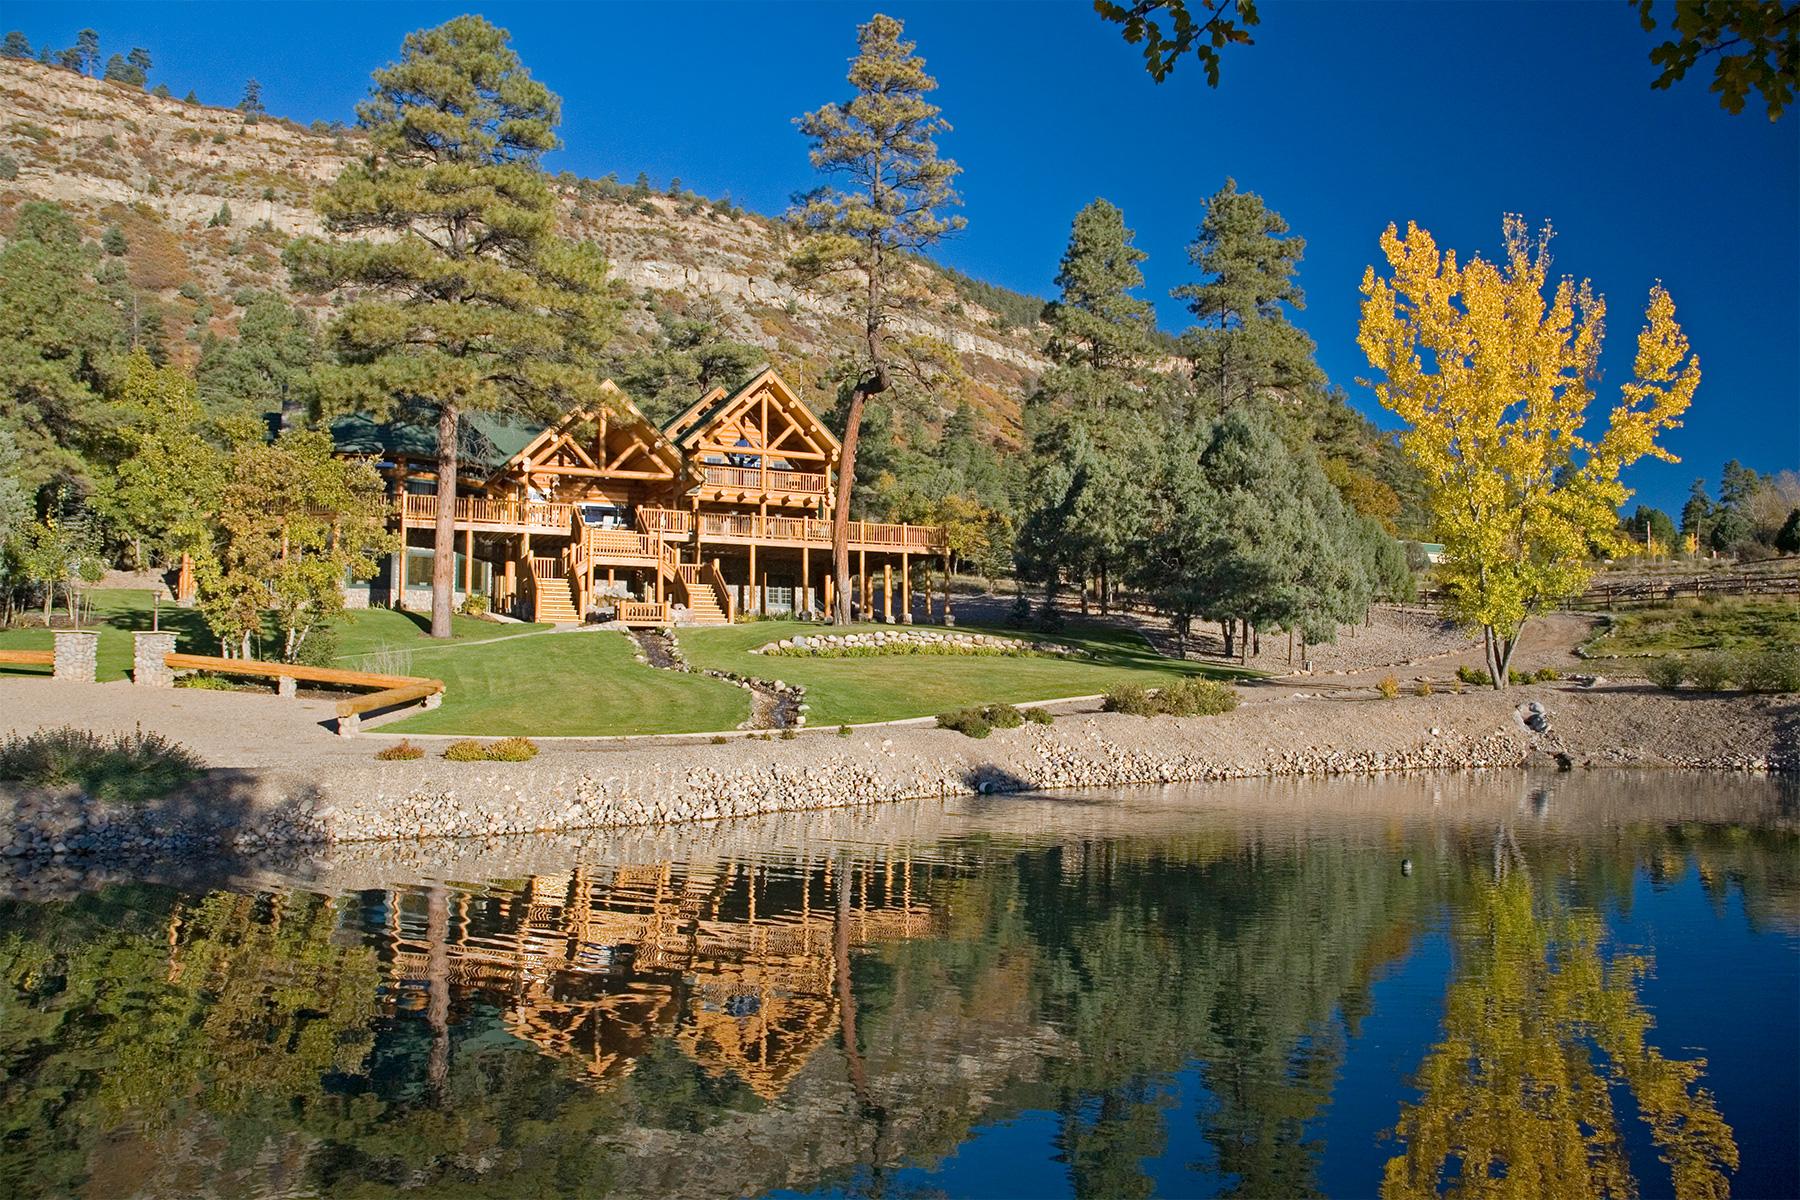 Casa Unifamiliar por un Venta en 125 White Water Drive Durango, Colorado 81301 Estados Unidos